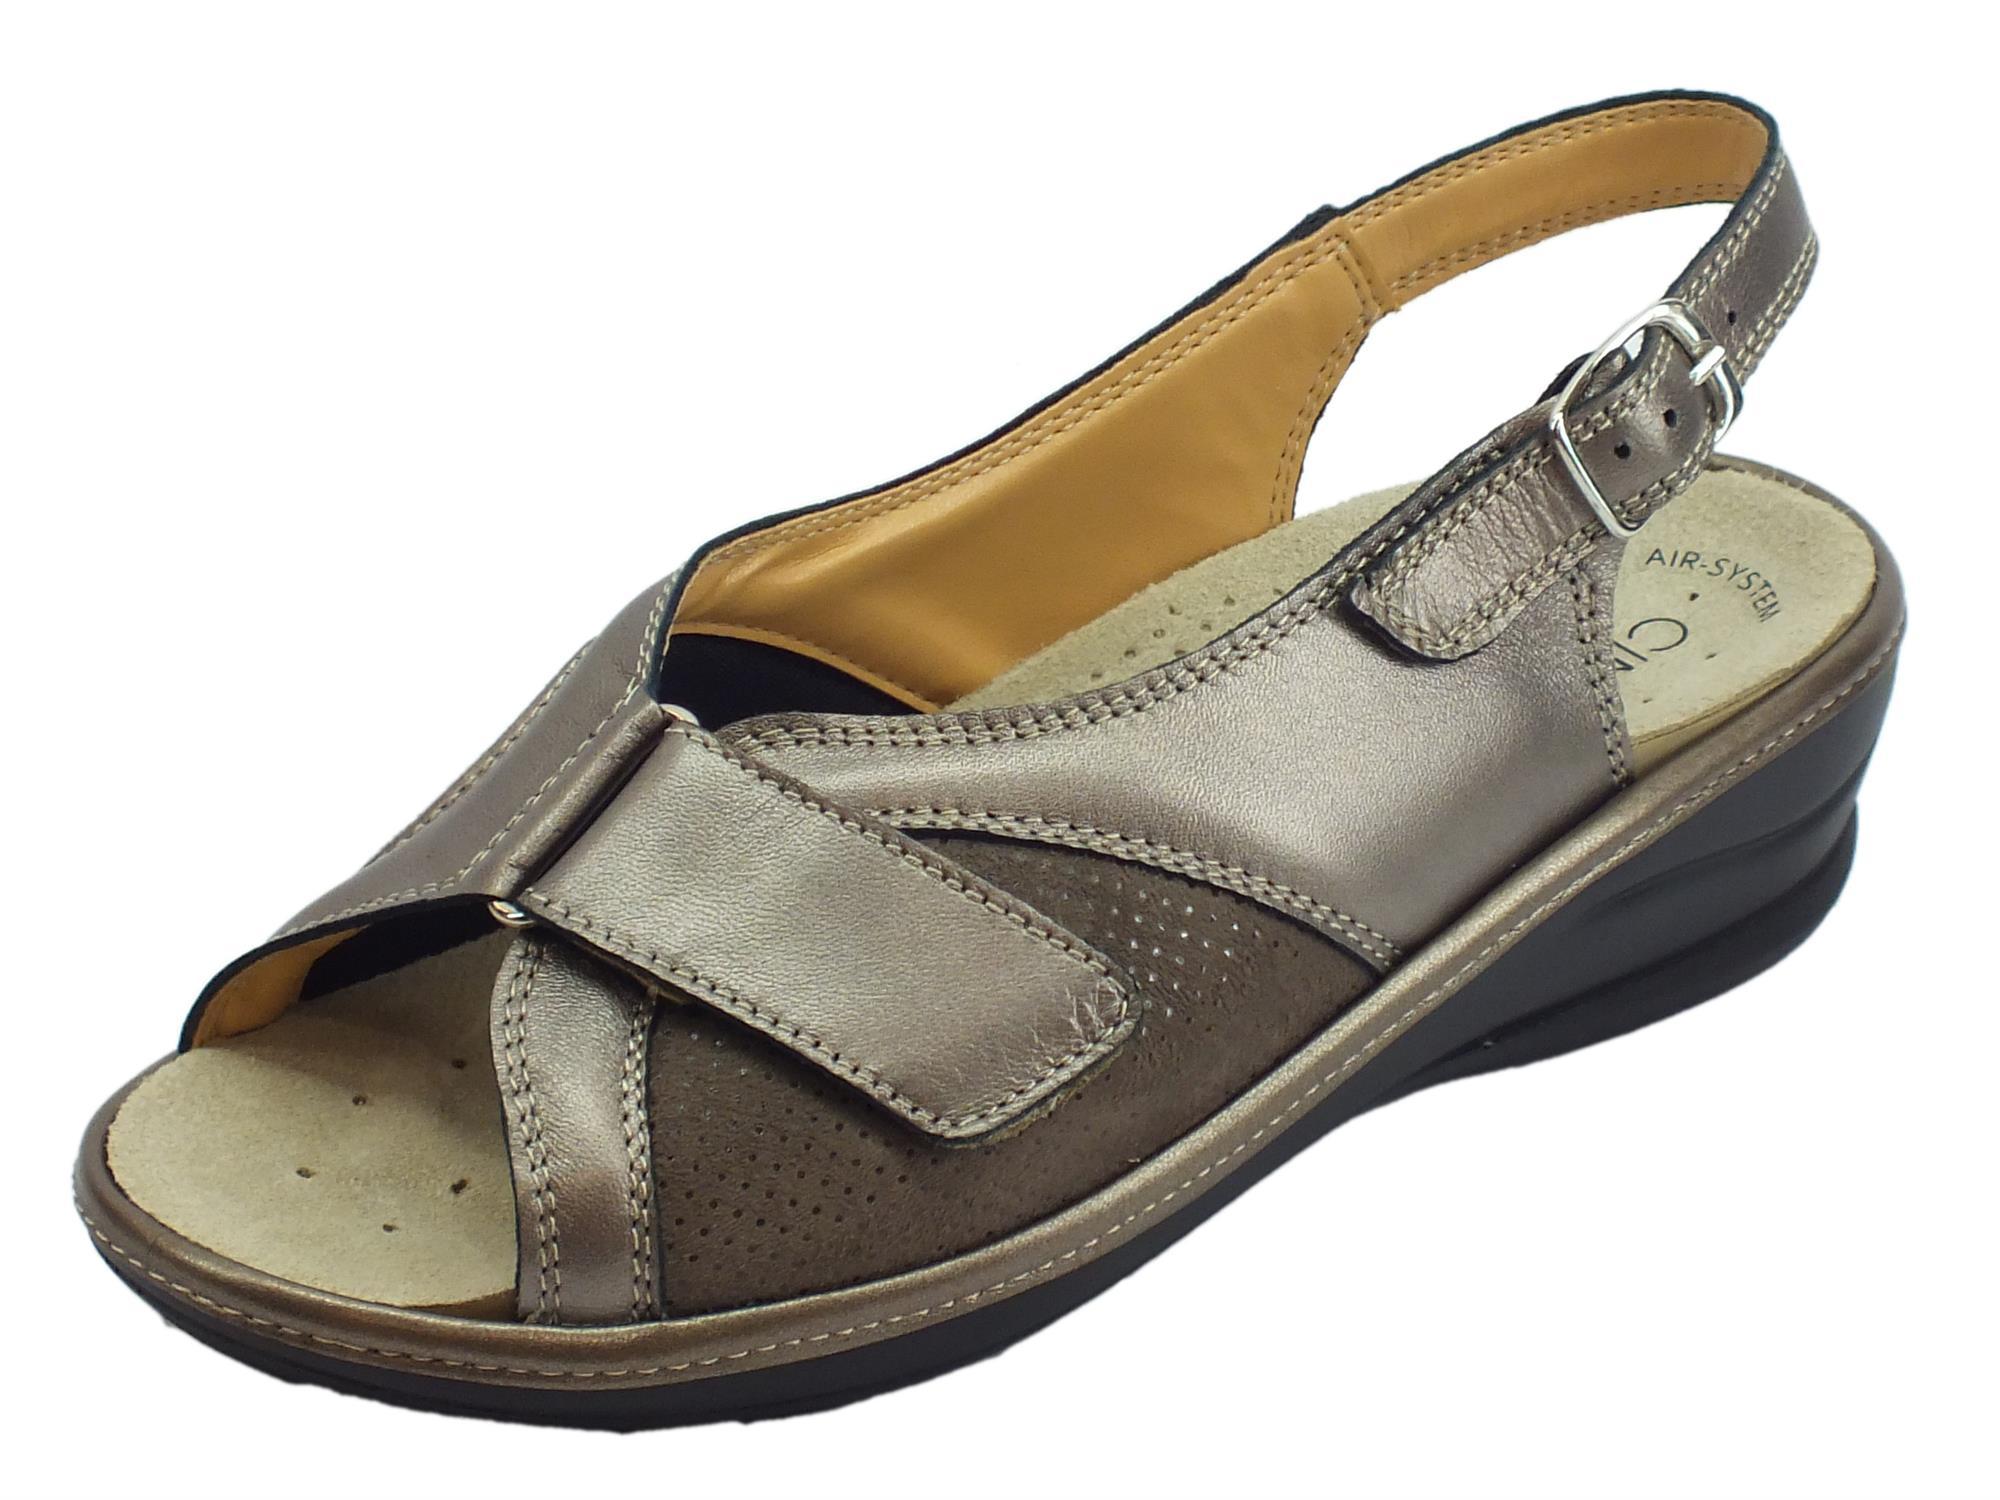 47dd770e2fcef Cinzia Soft sandali comodi in pelle e scamosciato perla fondo antiscivolo